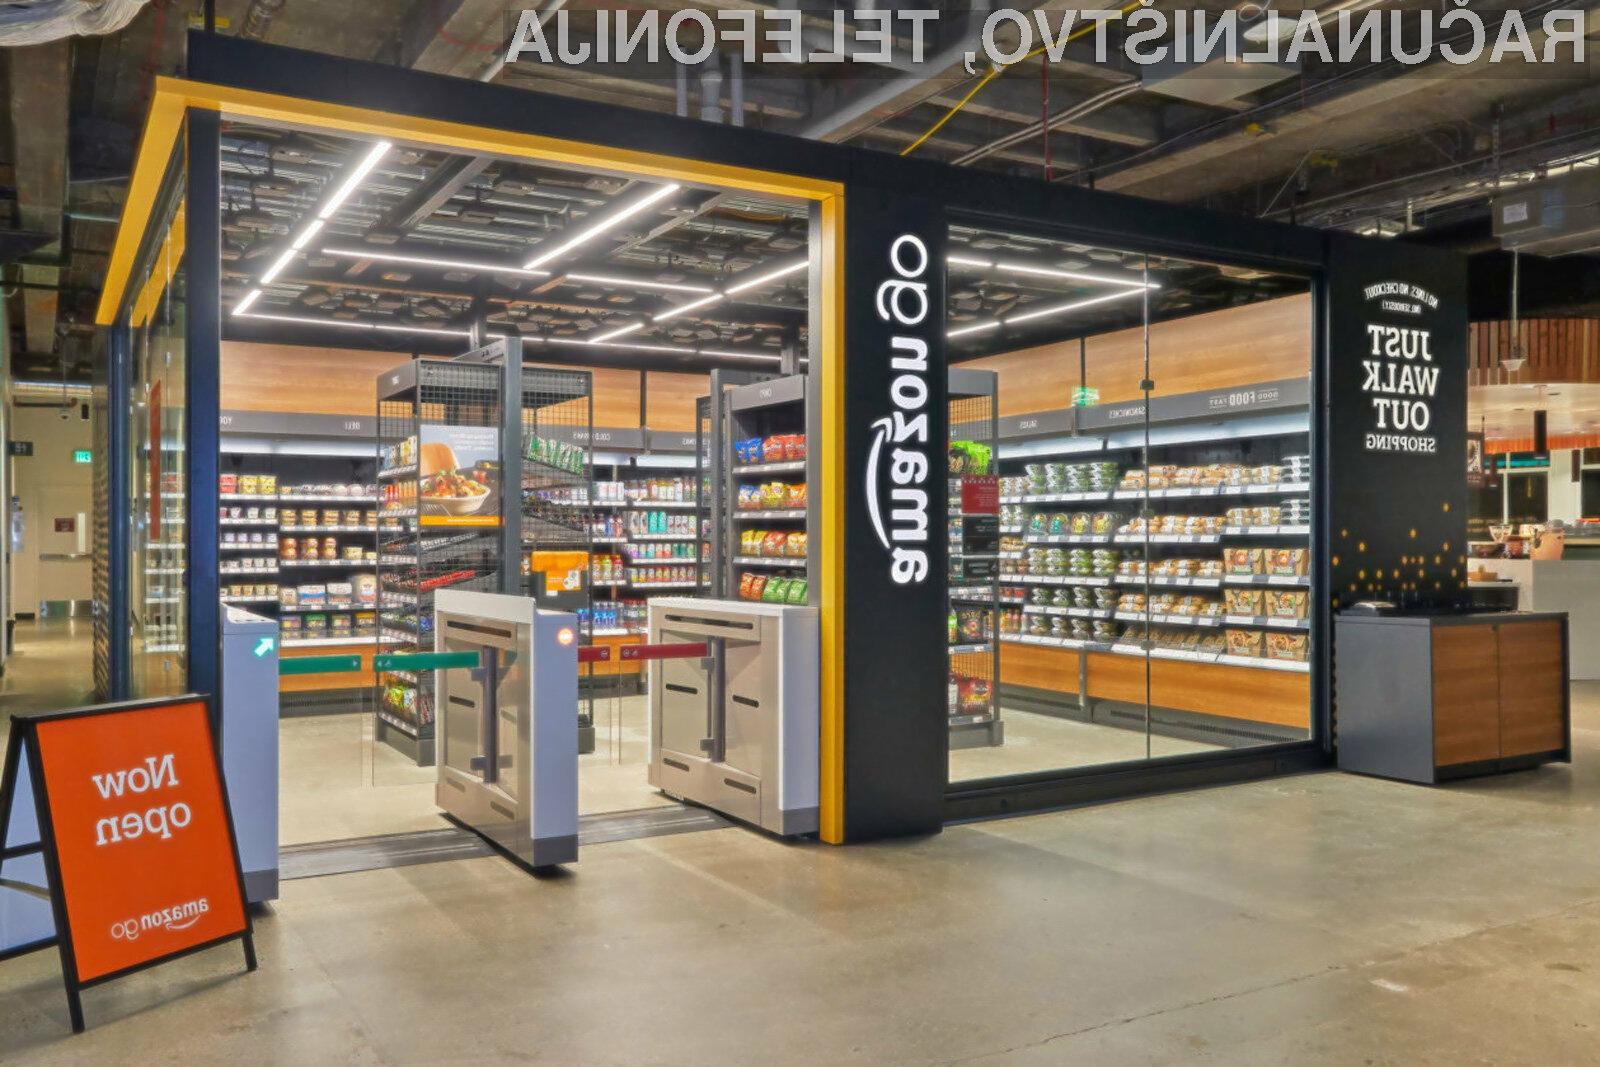 Trgovina Amazon Go je odslej na voljo celo zaposlenim nekega podjetja v Seattlu.